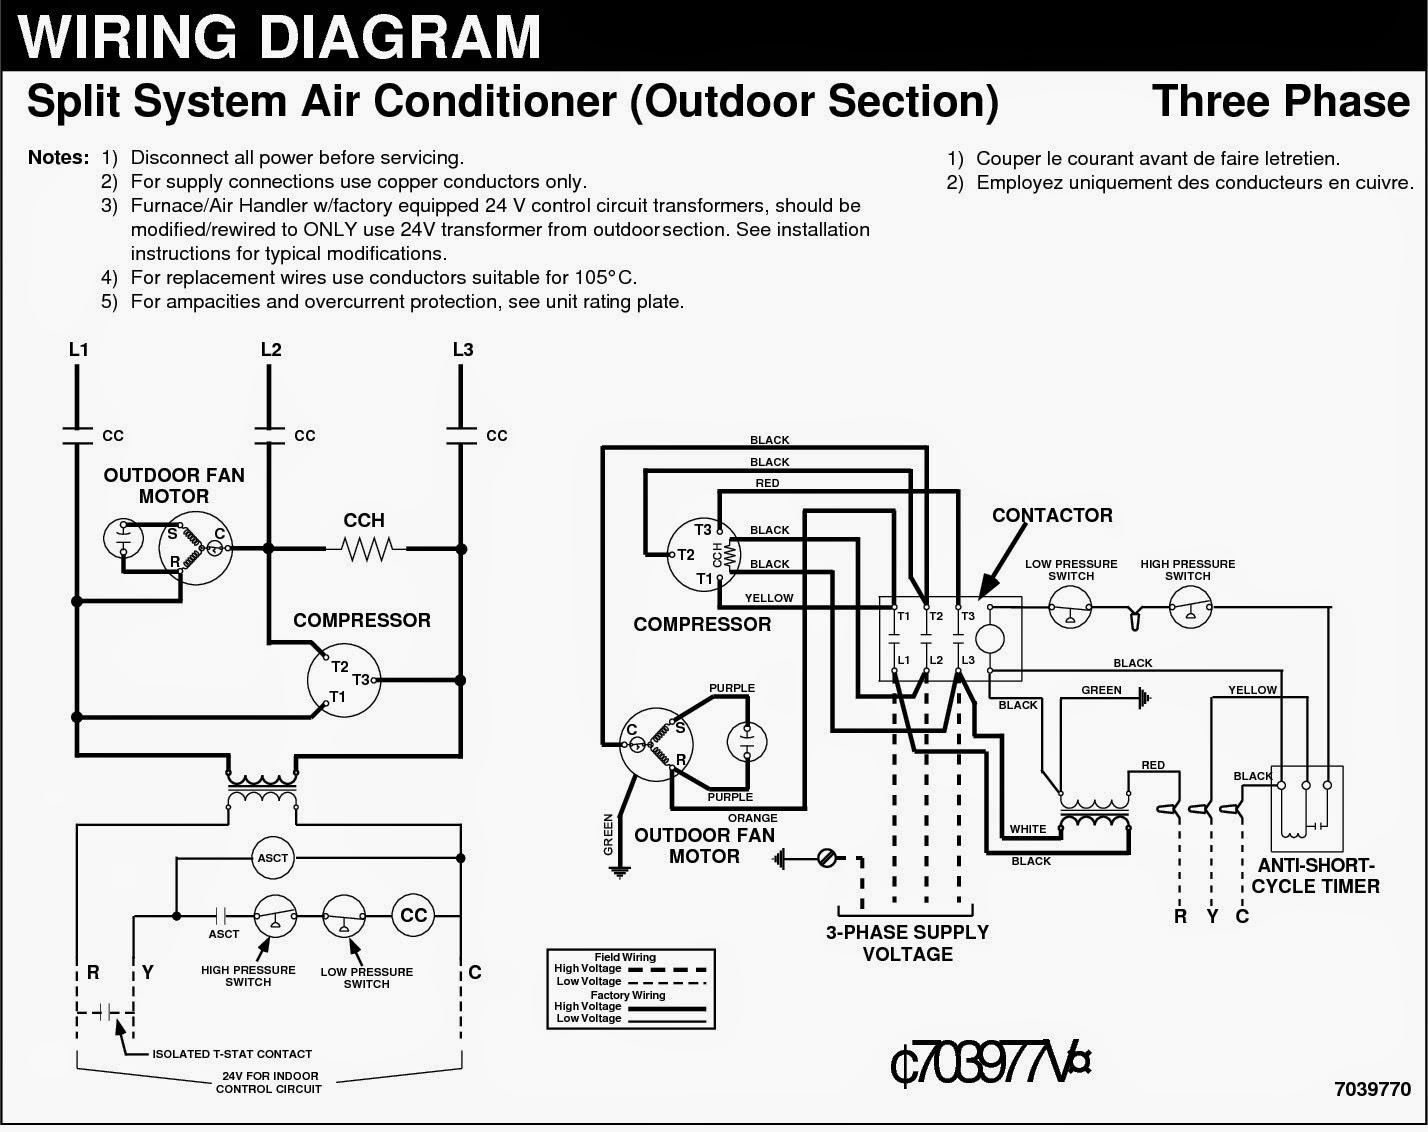 Ac Wiring | Wiring Diagram - Single Phase House Wiring Diagram